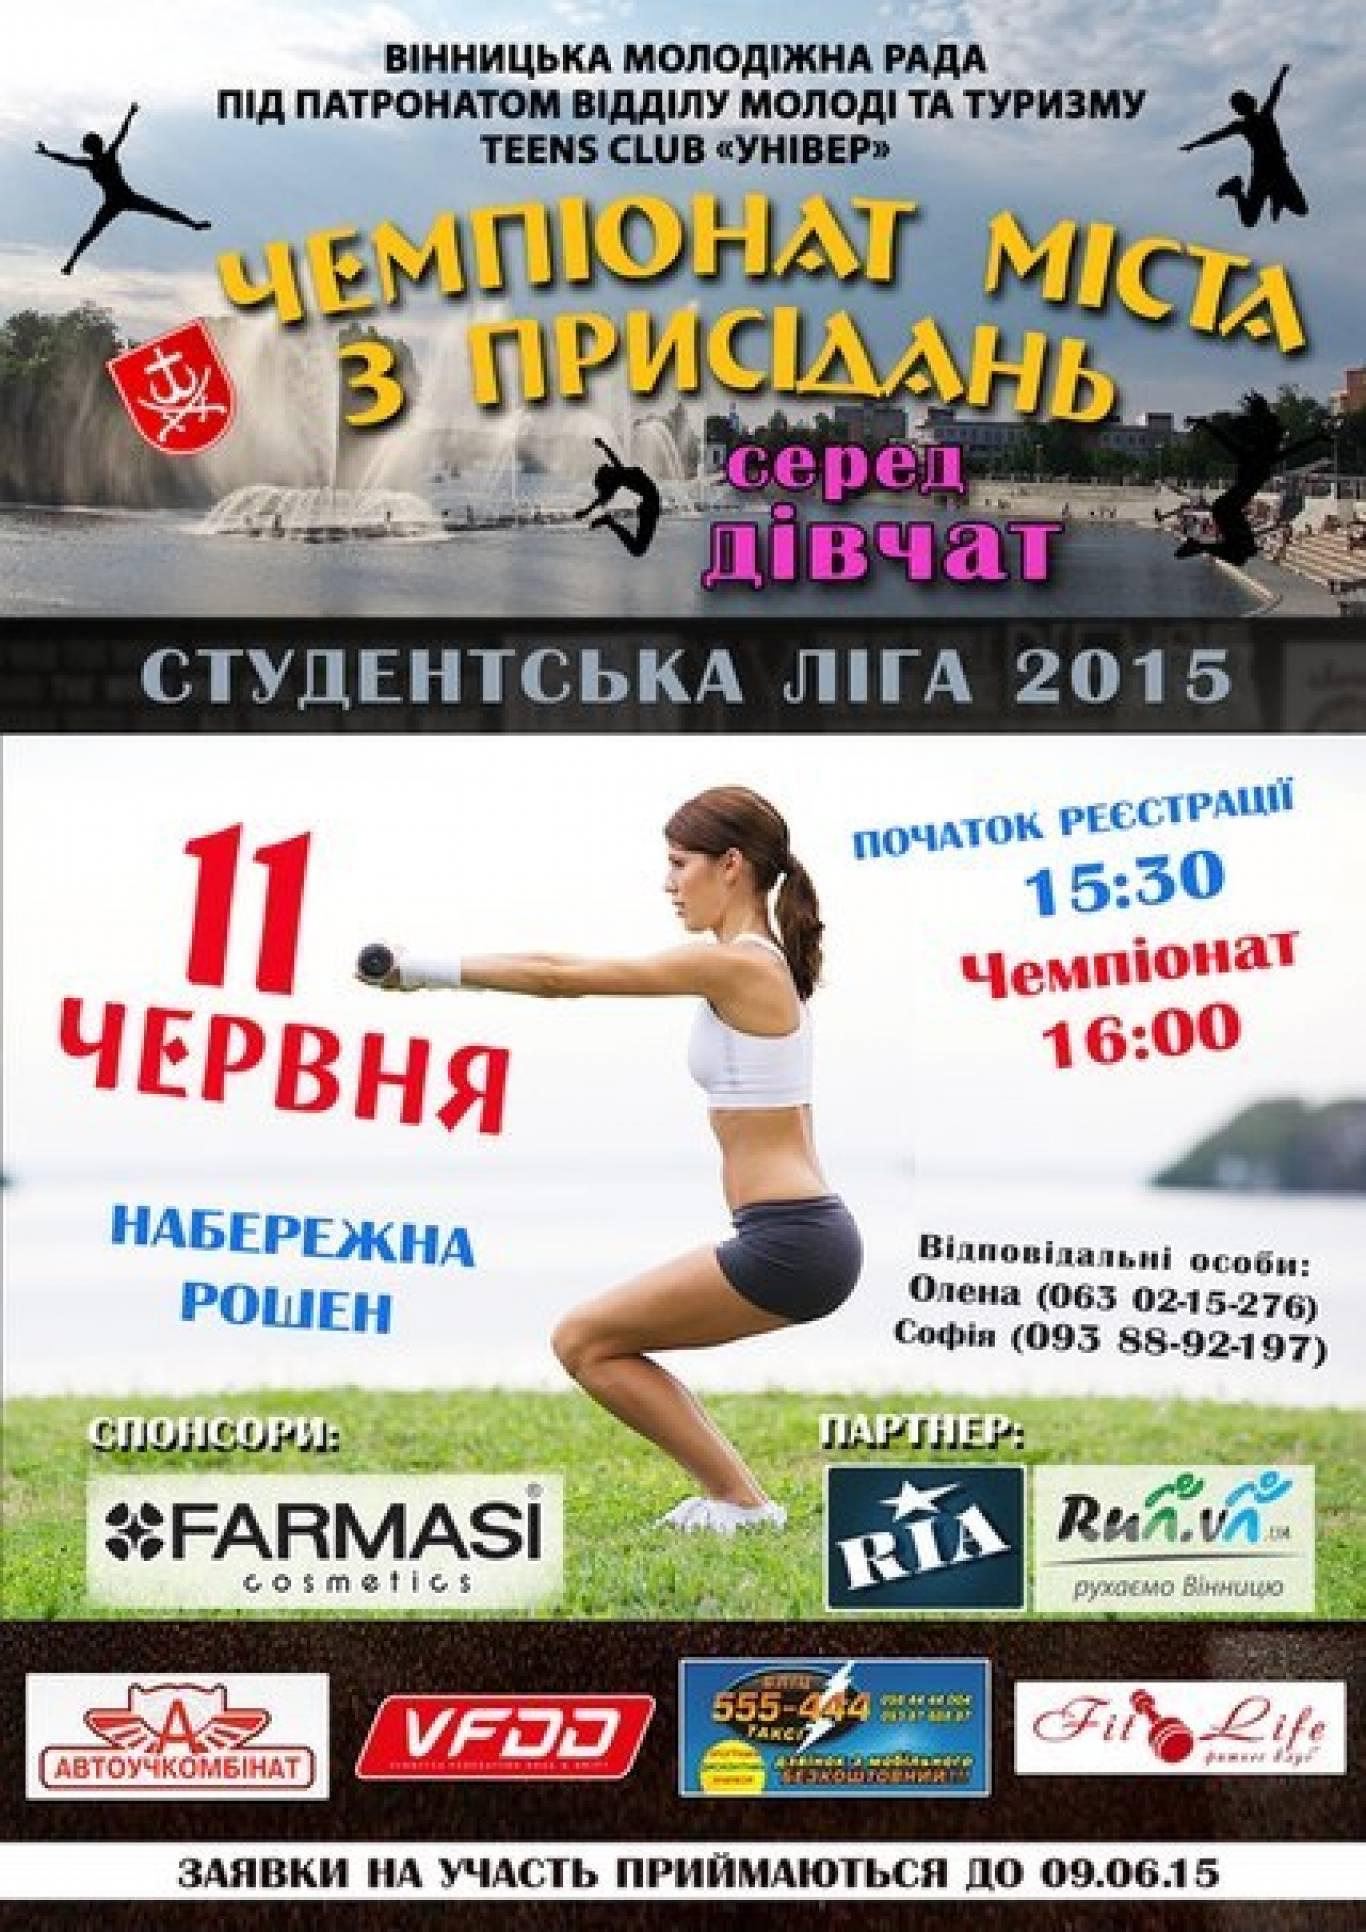 Чемпіонат з присідань серед дівчат 2015